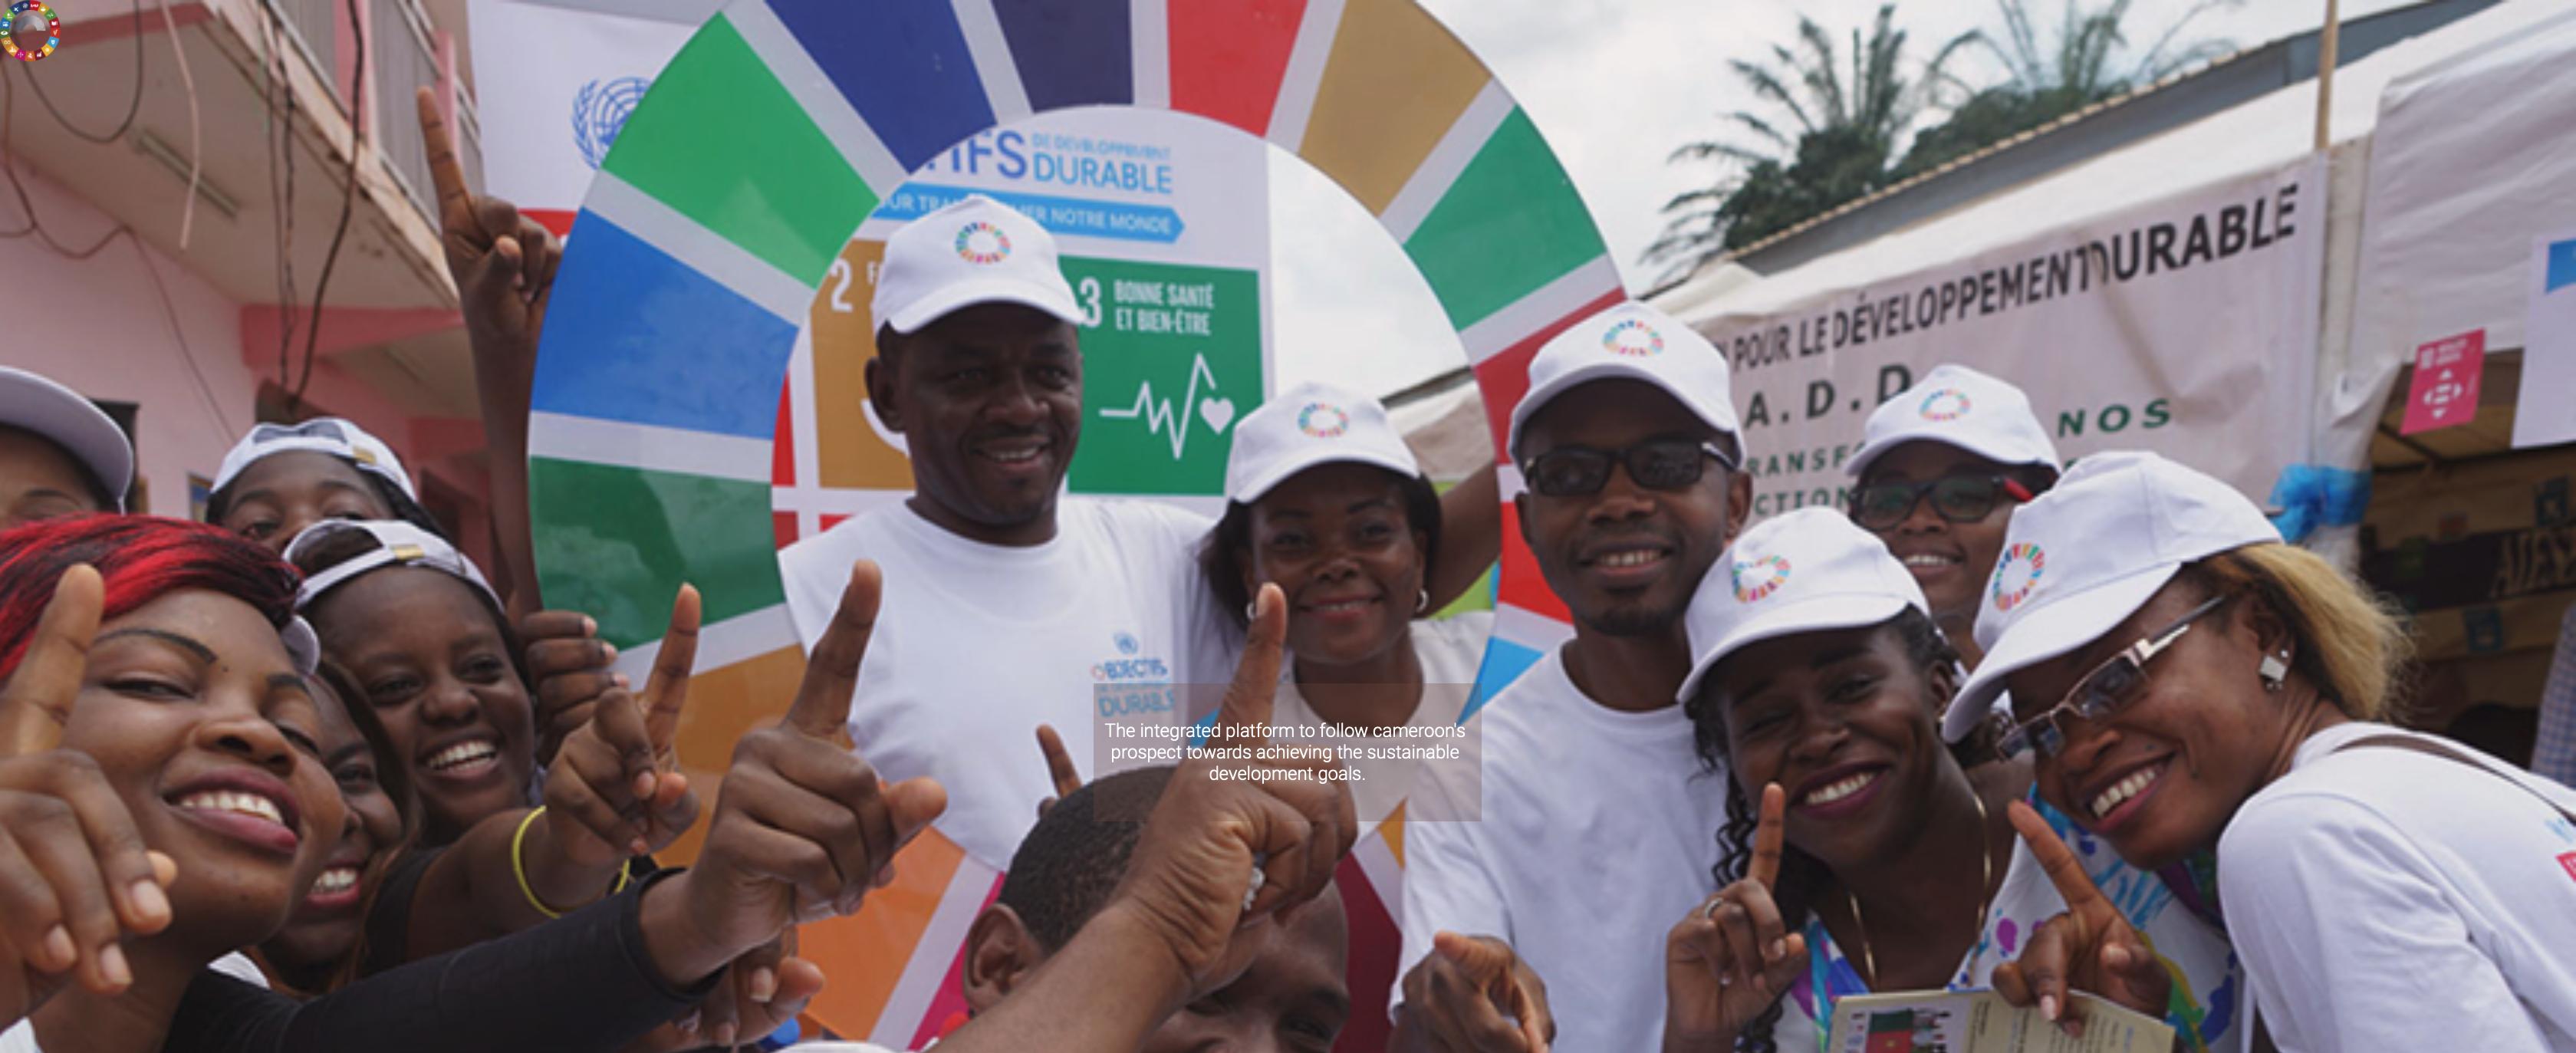 SDG Cameroon Website